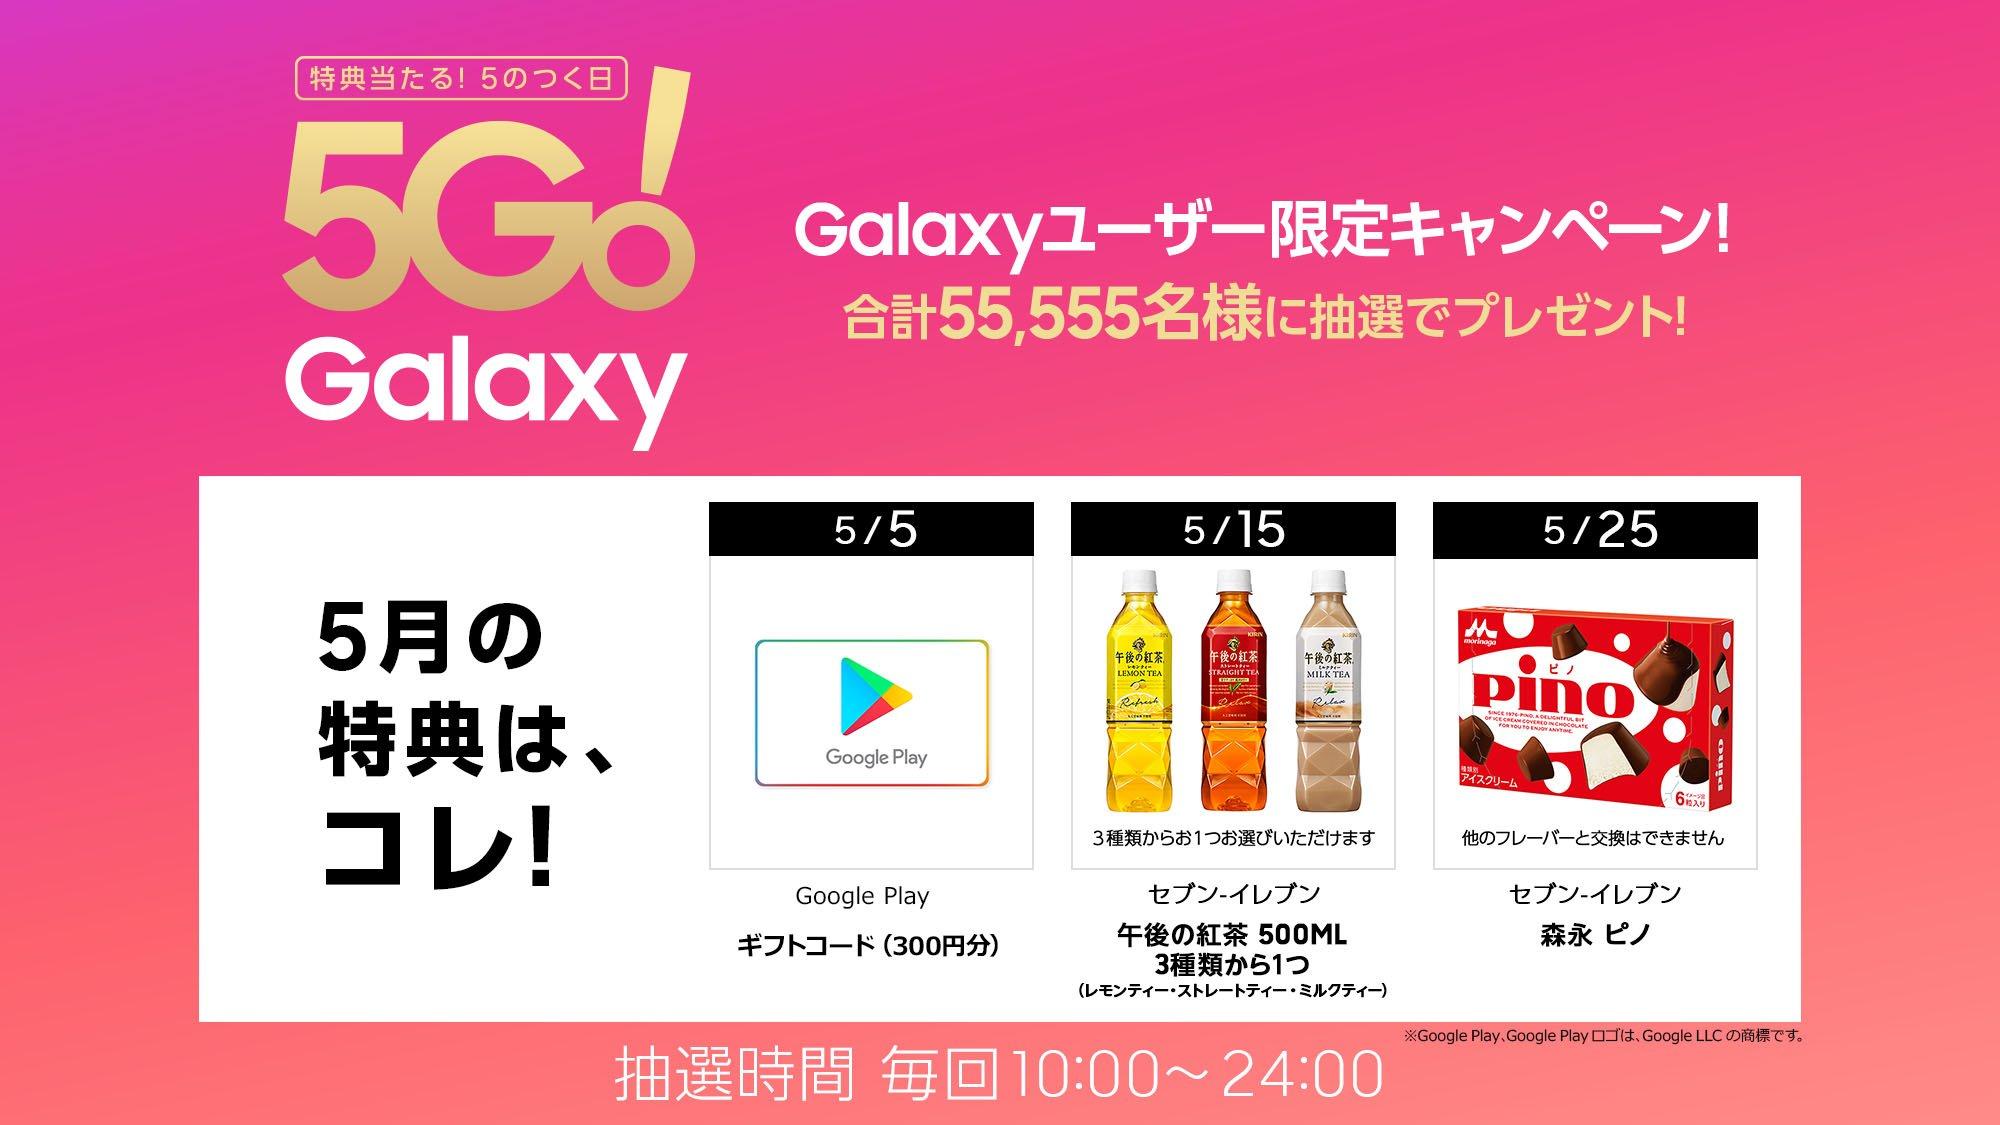 GalaxyMembersで5がつく日限定、セブンイレブンのお菓子やファミマカフェが抽選で55555名に当たる。